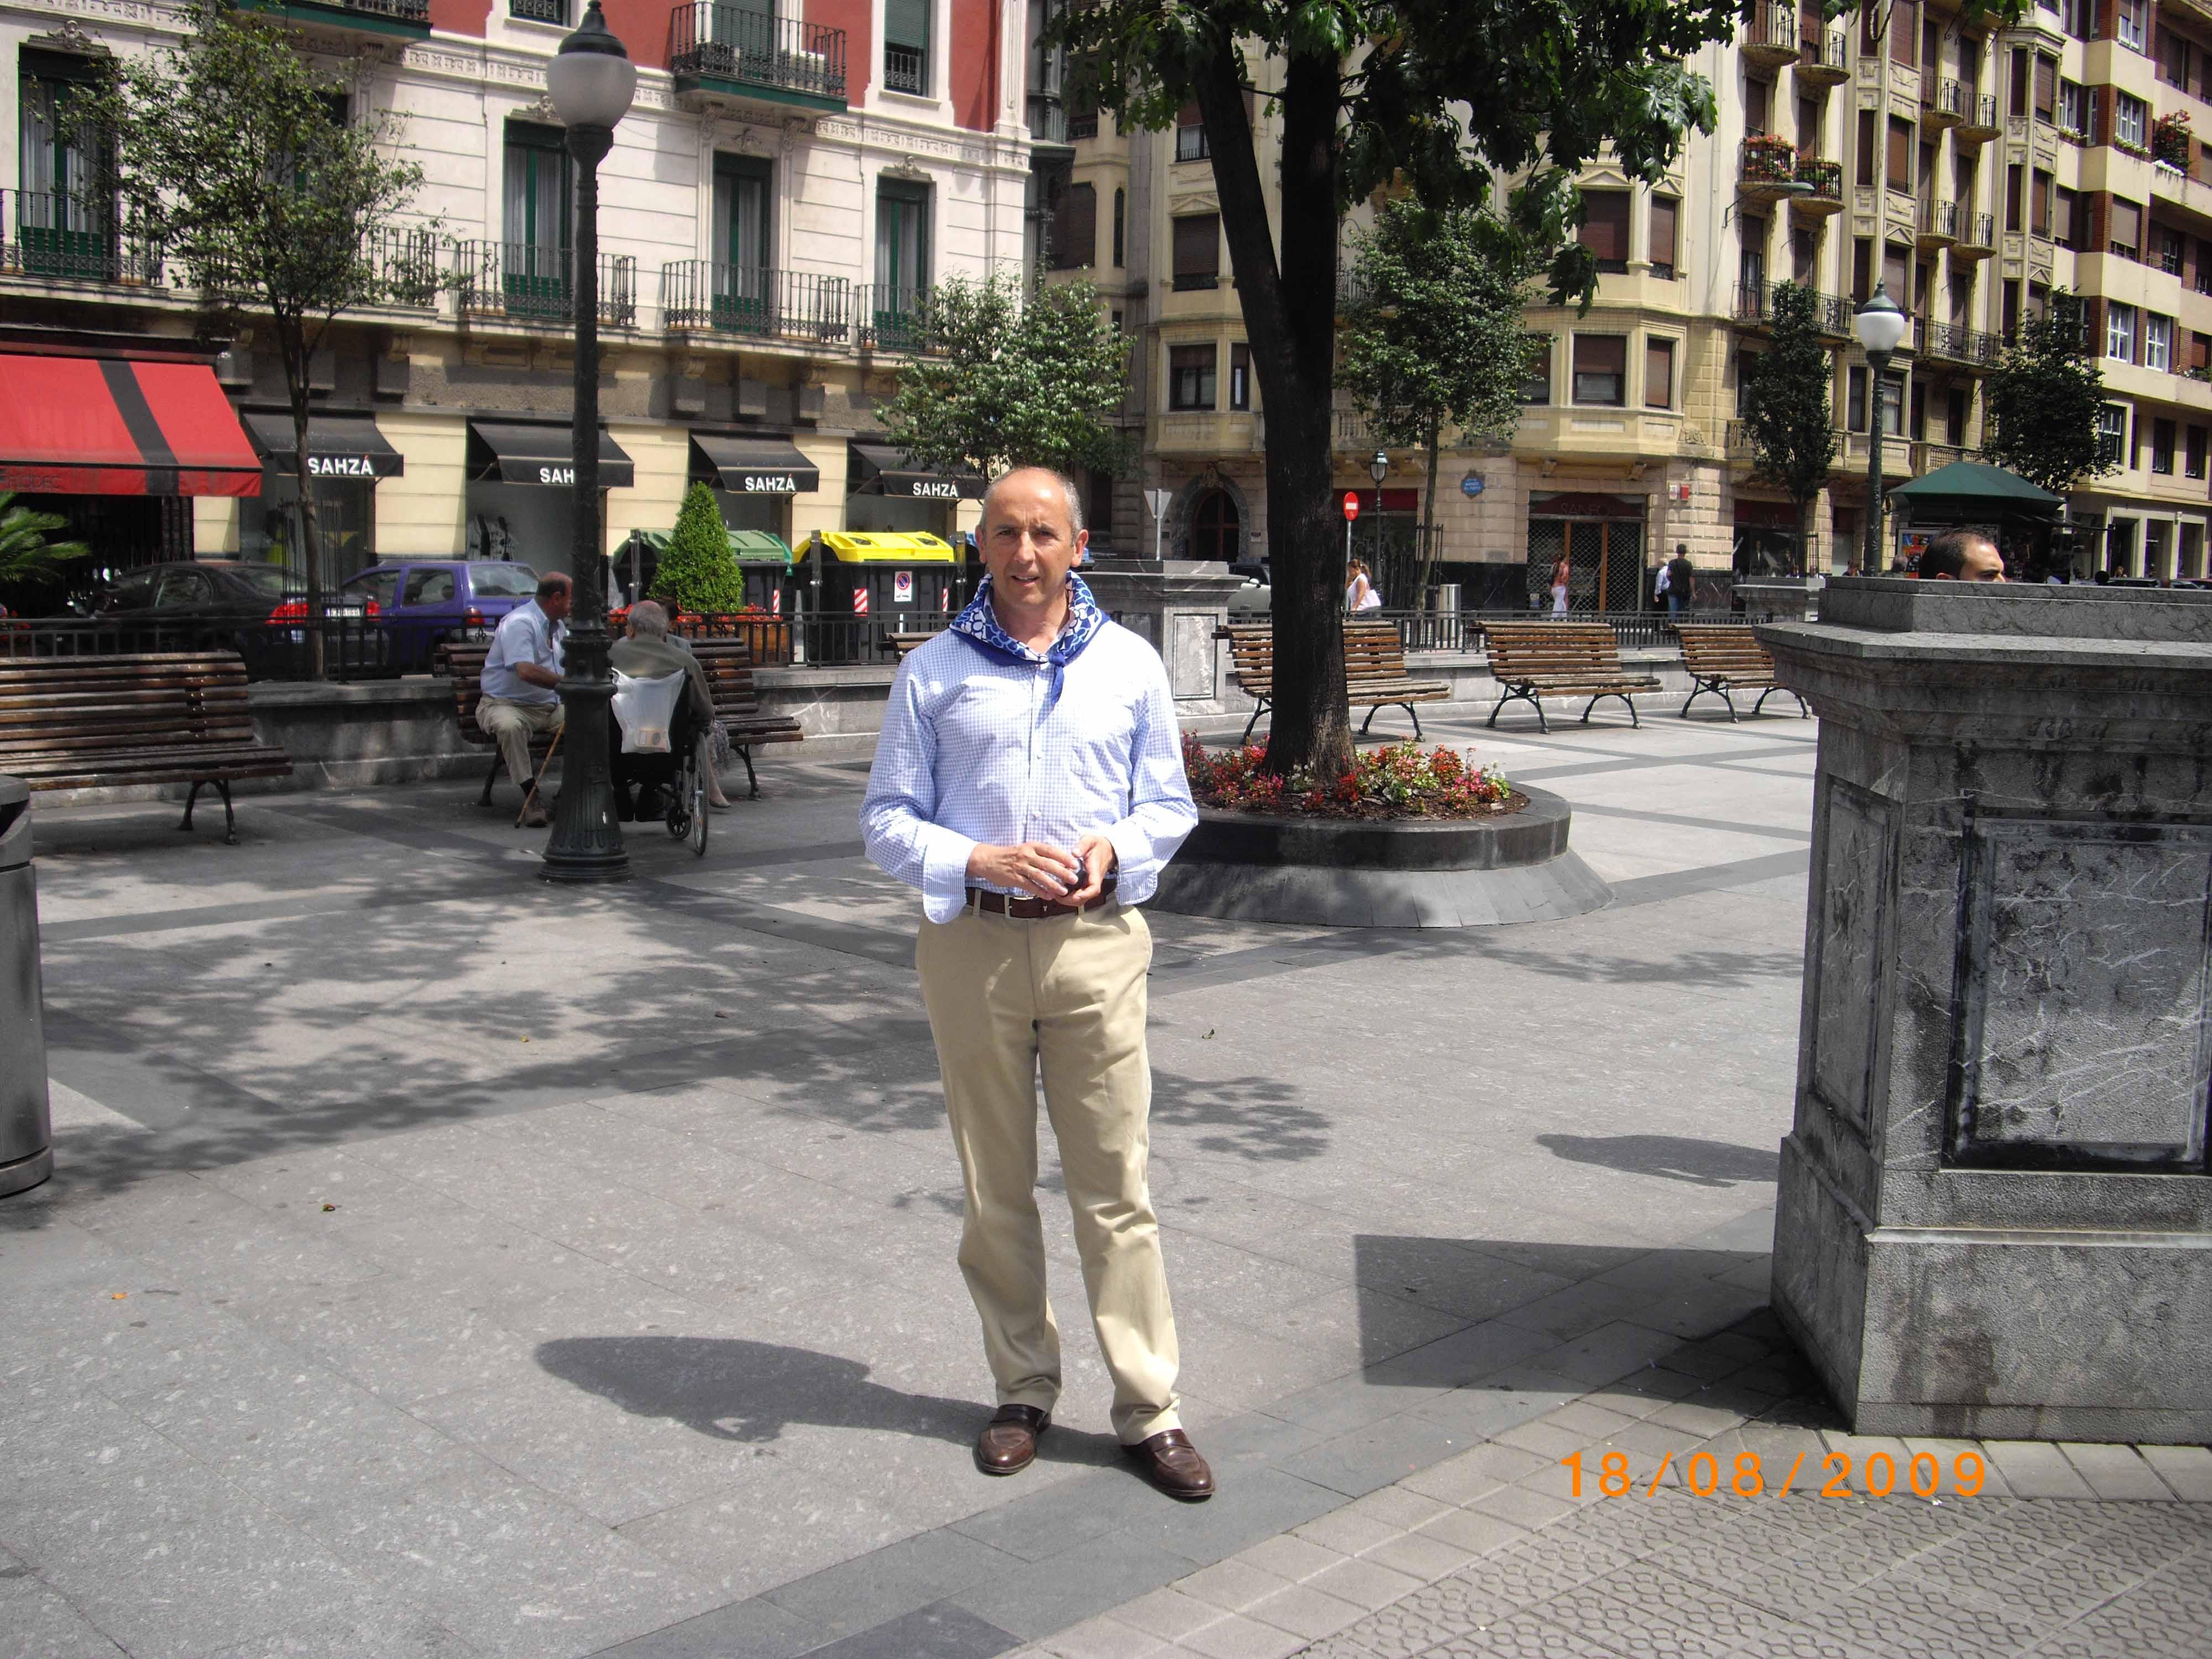 Imagen tomada en la plaza Pedro Eguillor de Bilbao